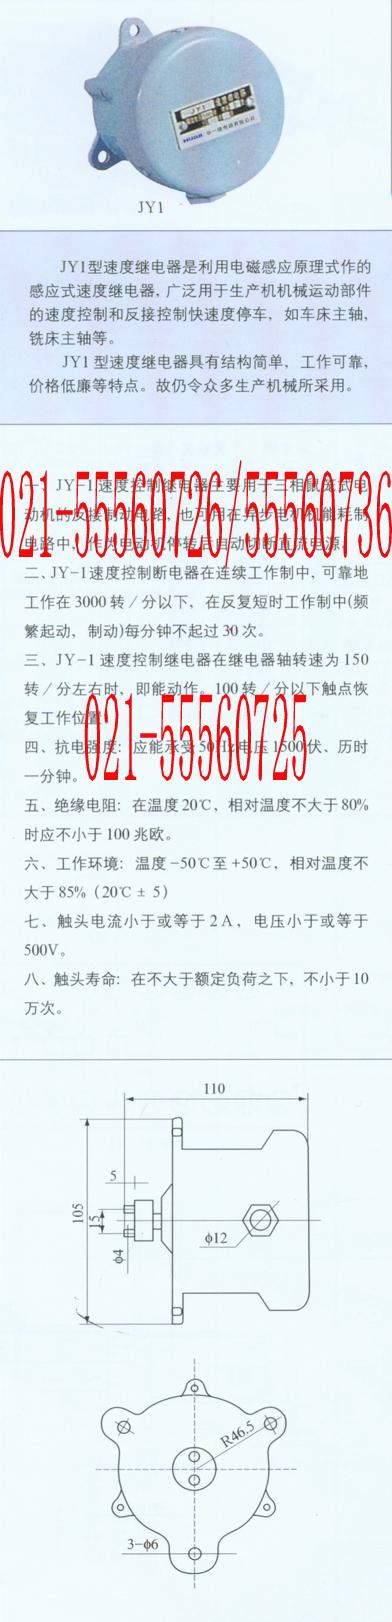 jy1;-jy1速度继电器-供求商机-上海约瑟电器科技有限